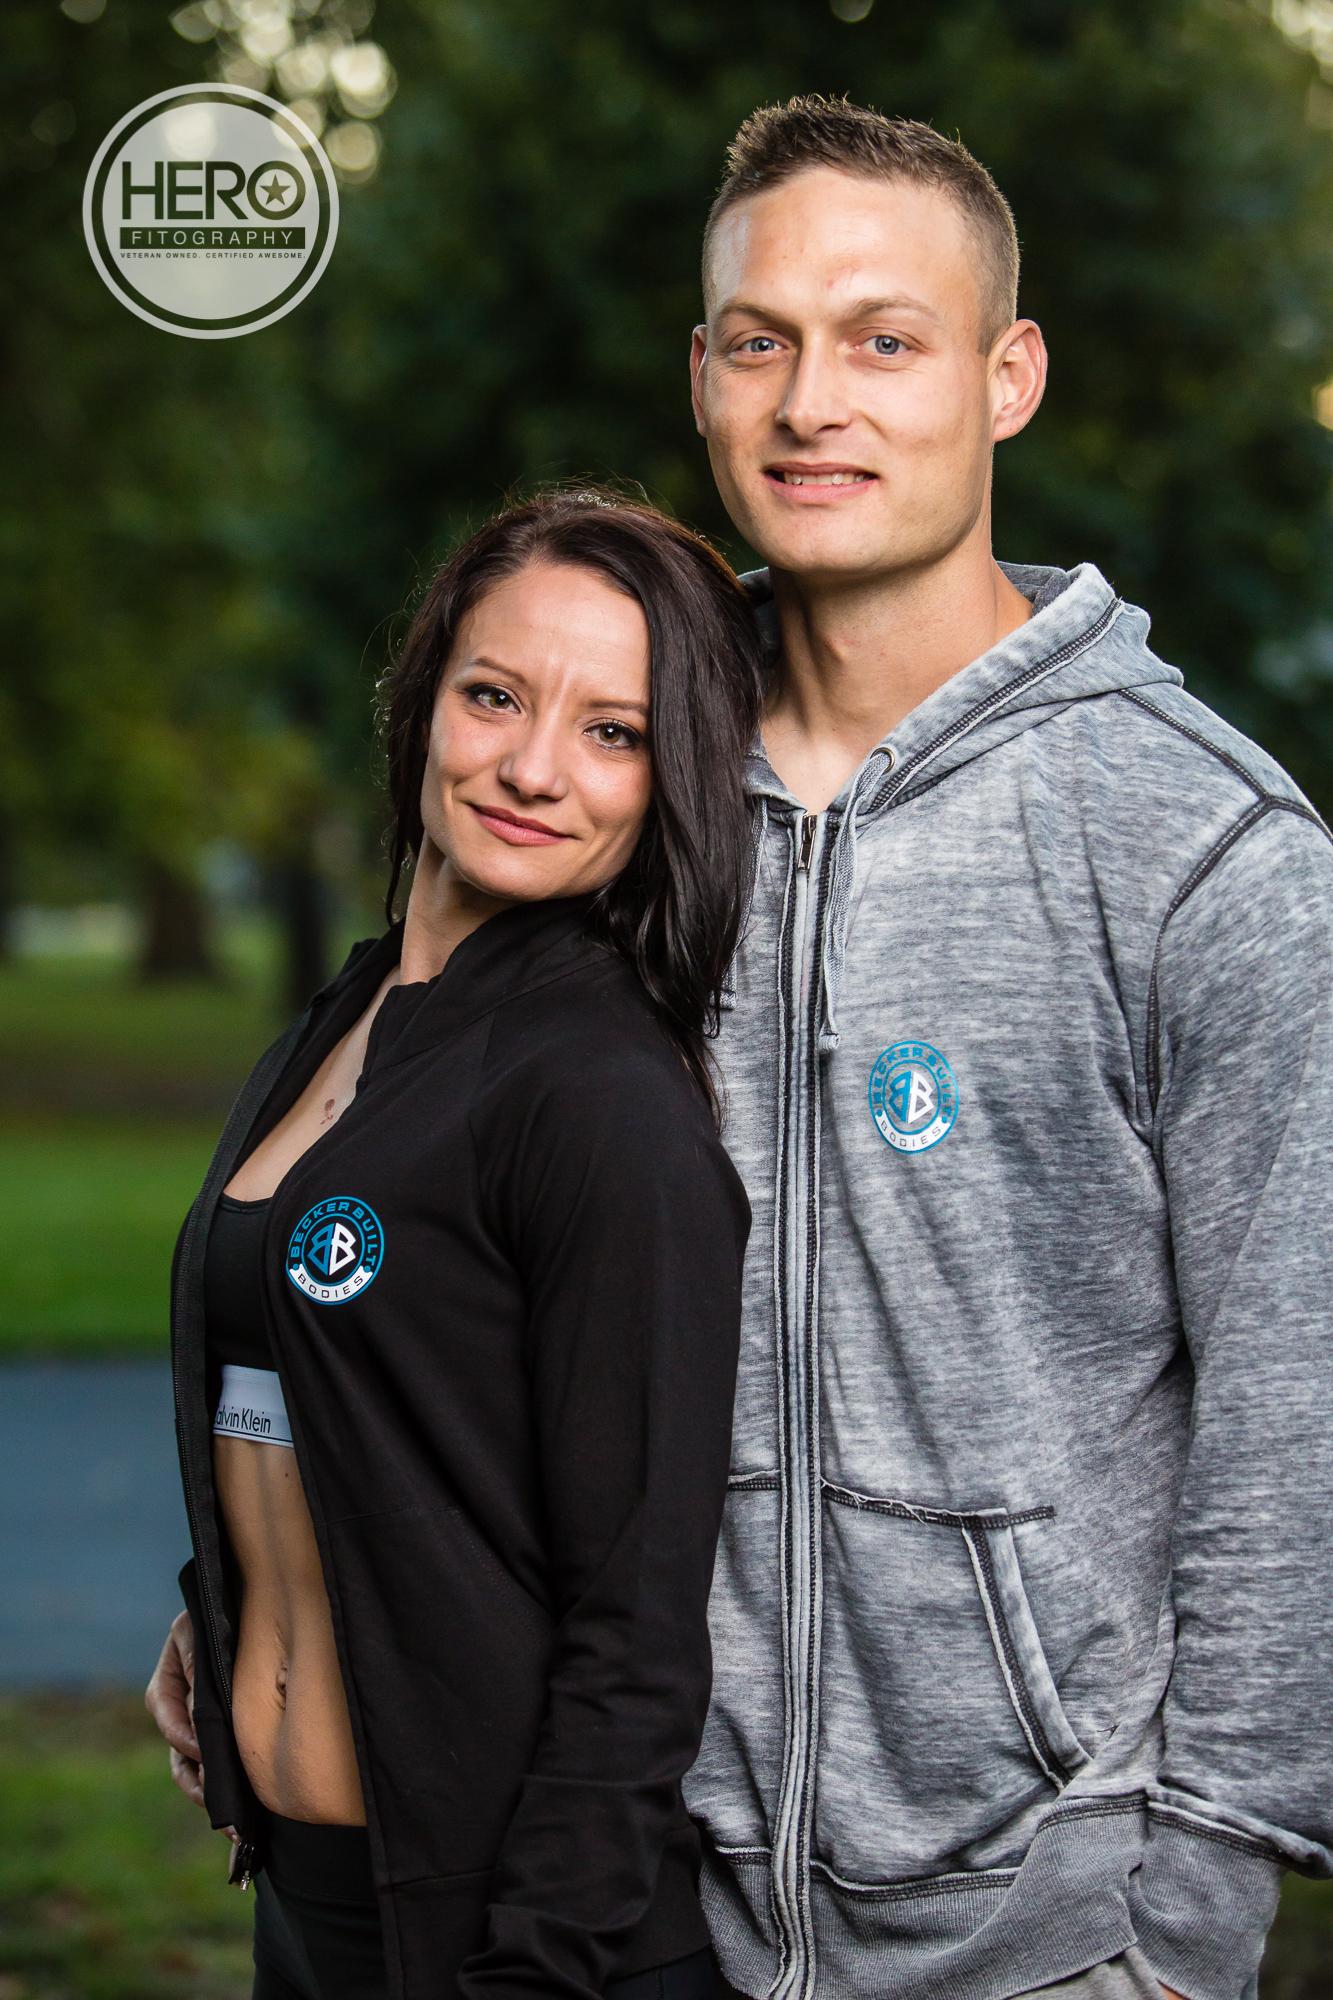 Jordan & Holly-3723.jpg